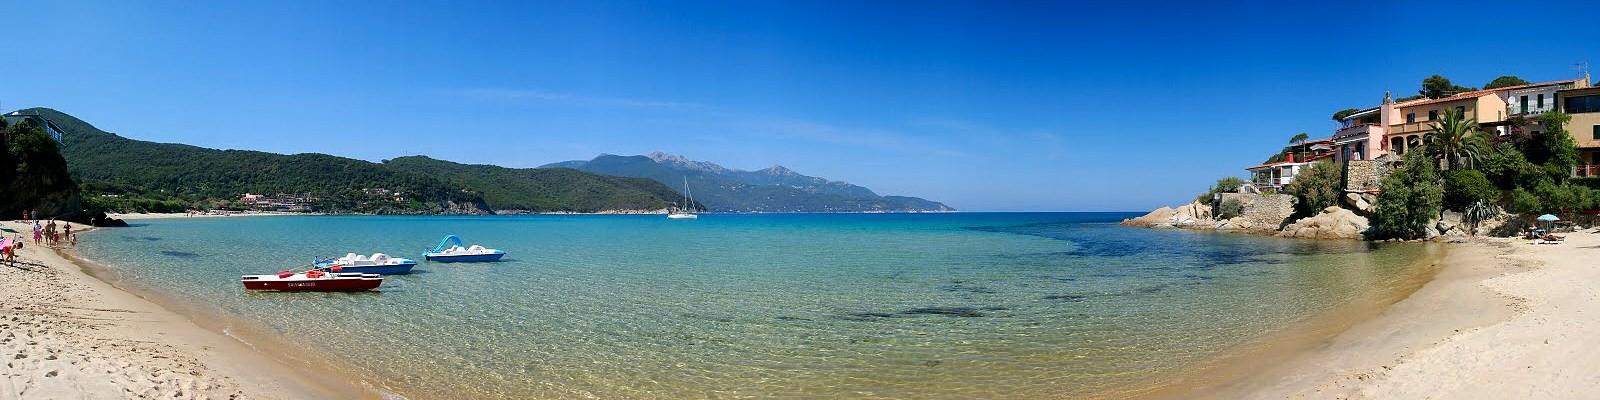 Záliv Biodola, pláž Scaglieri